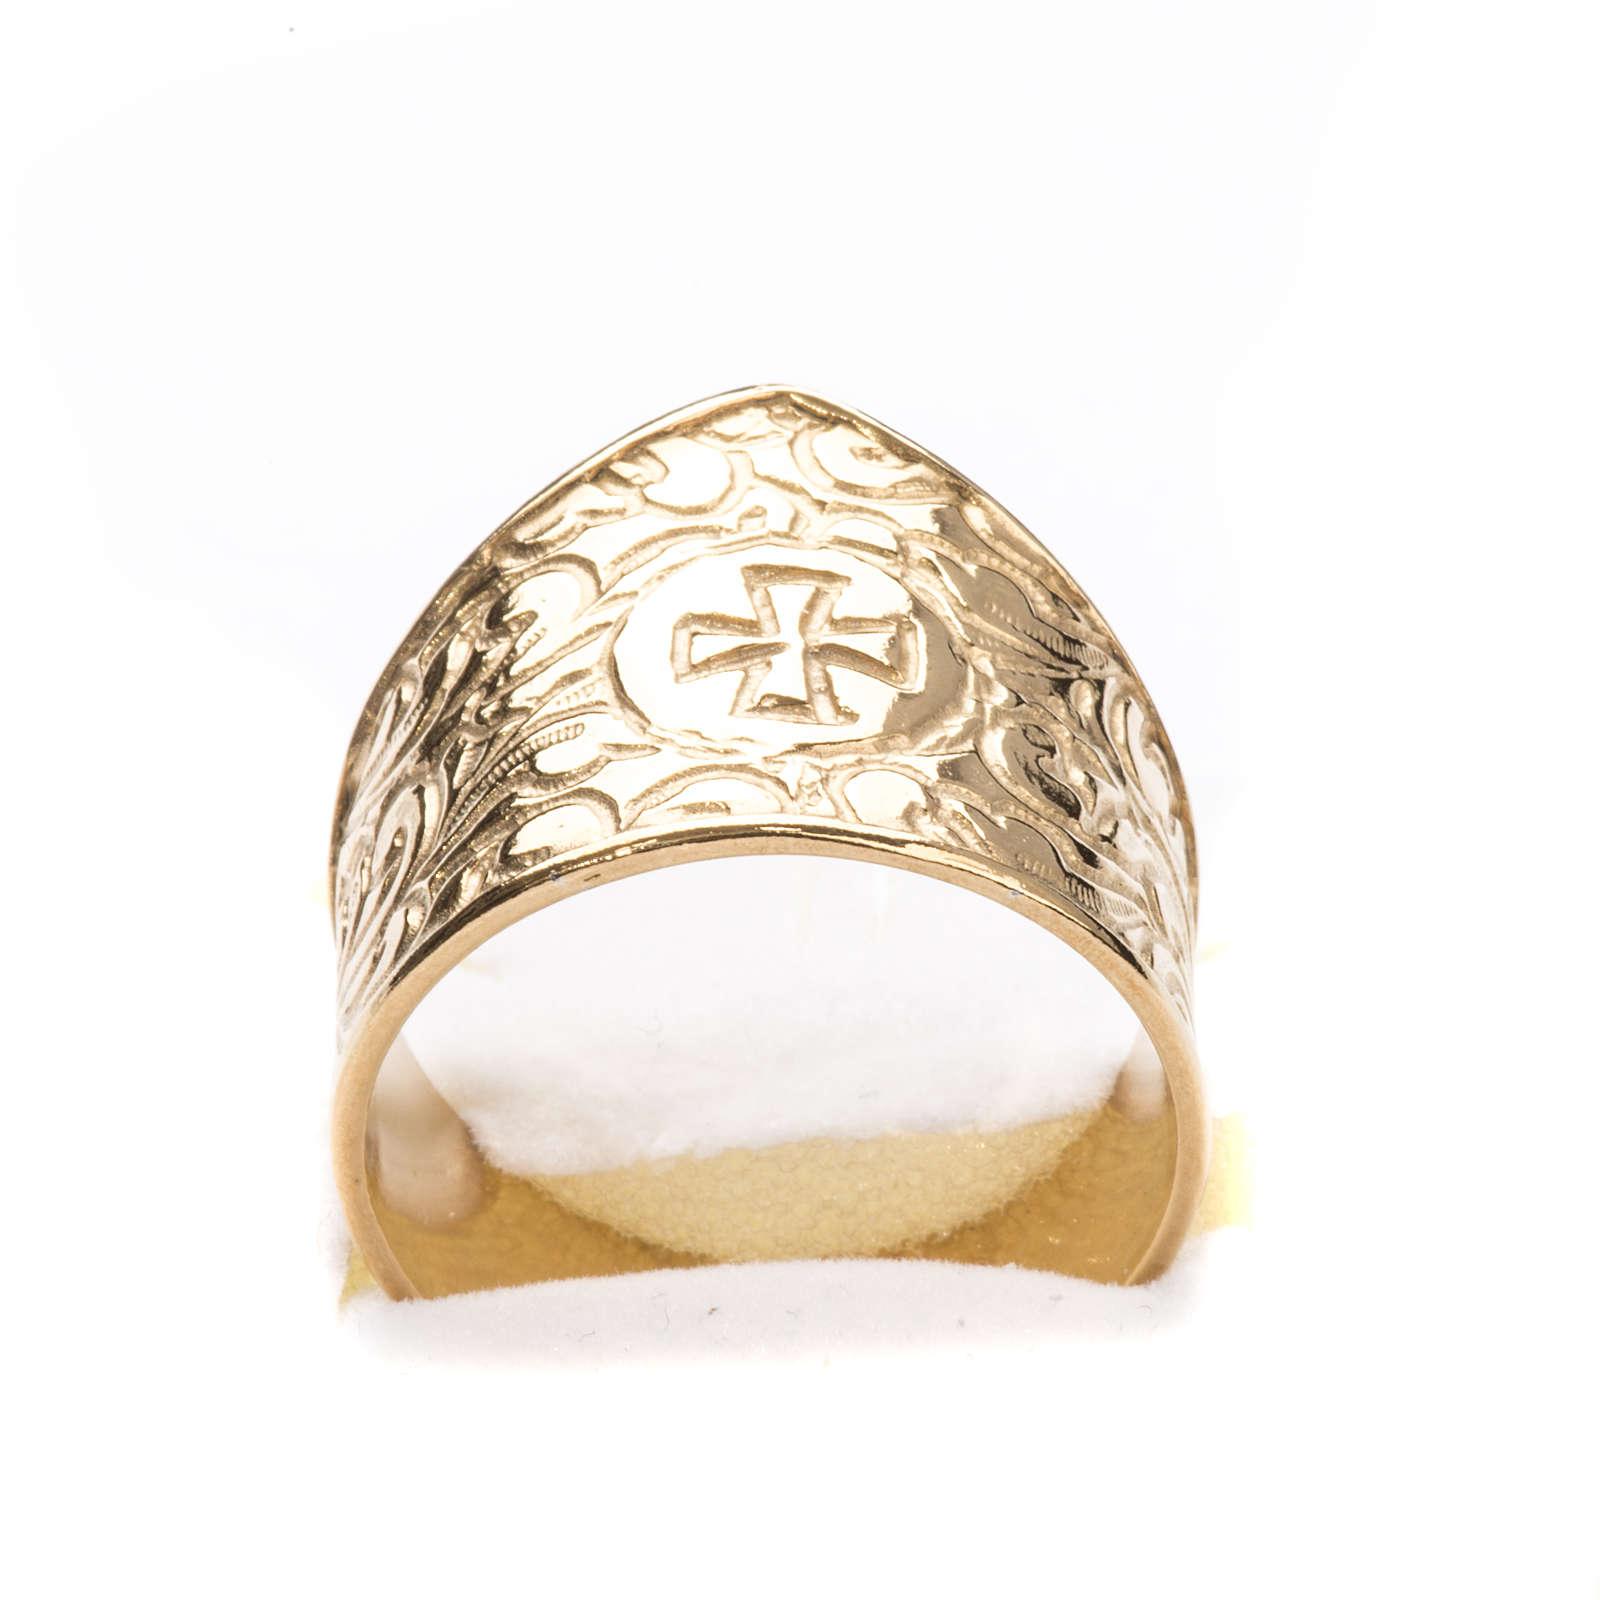 Pierścień dla biskupów srebro 925 złocony krz 3